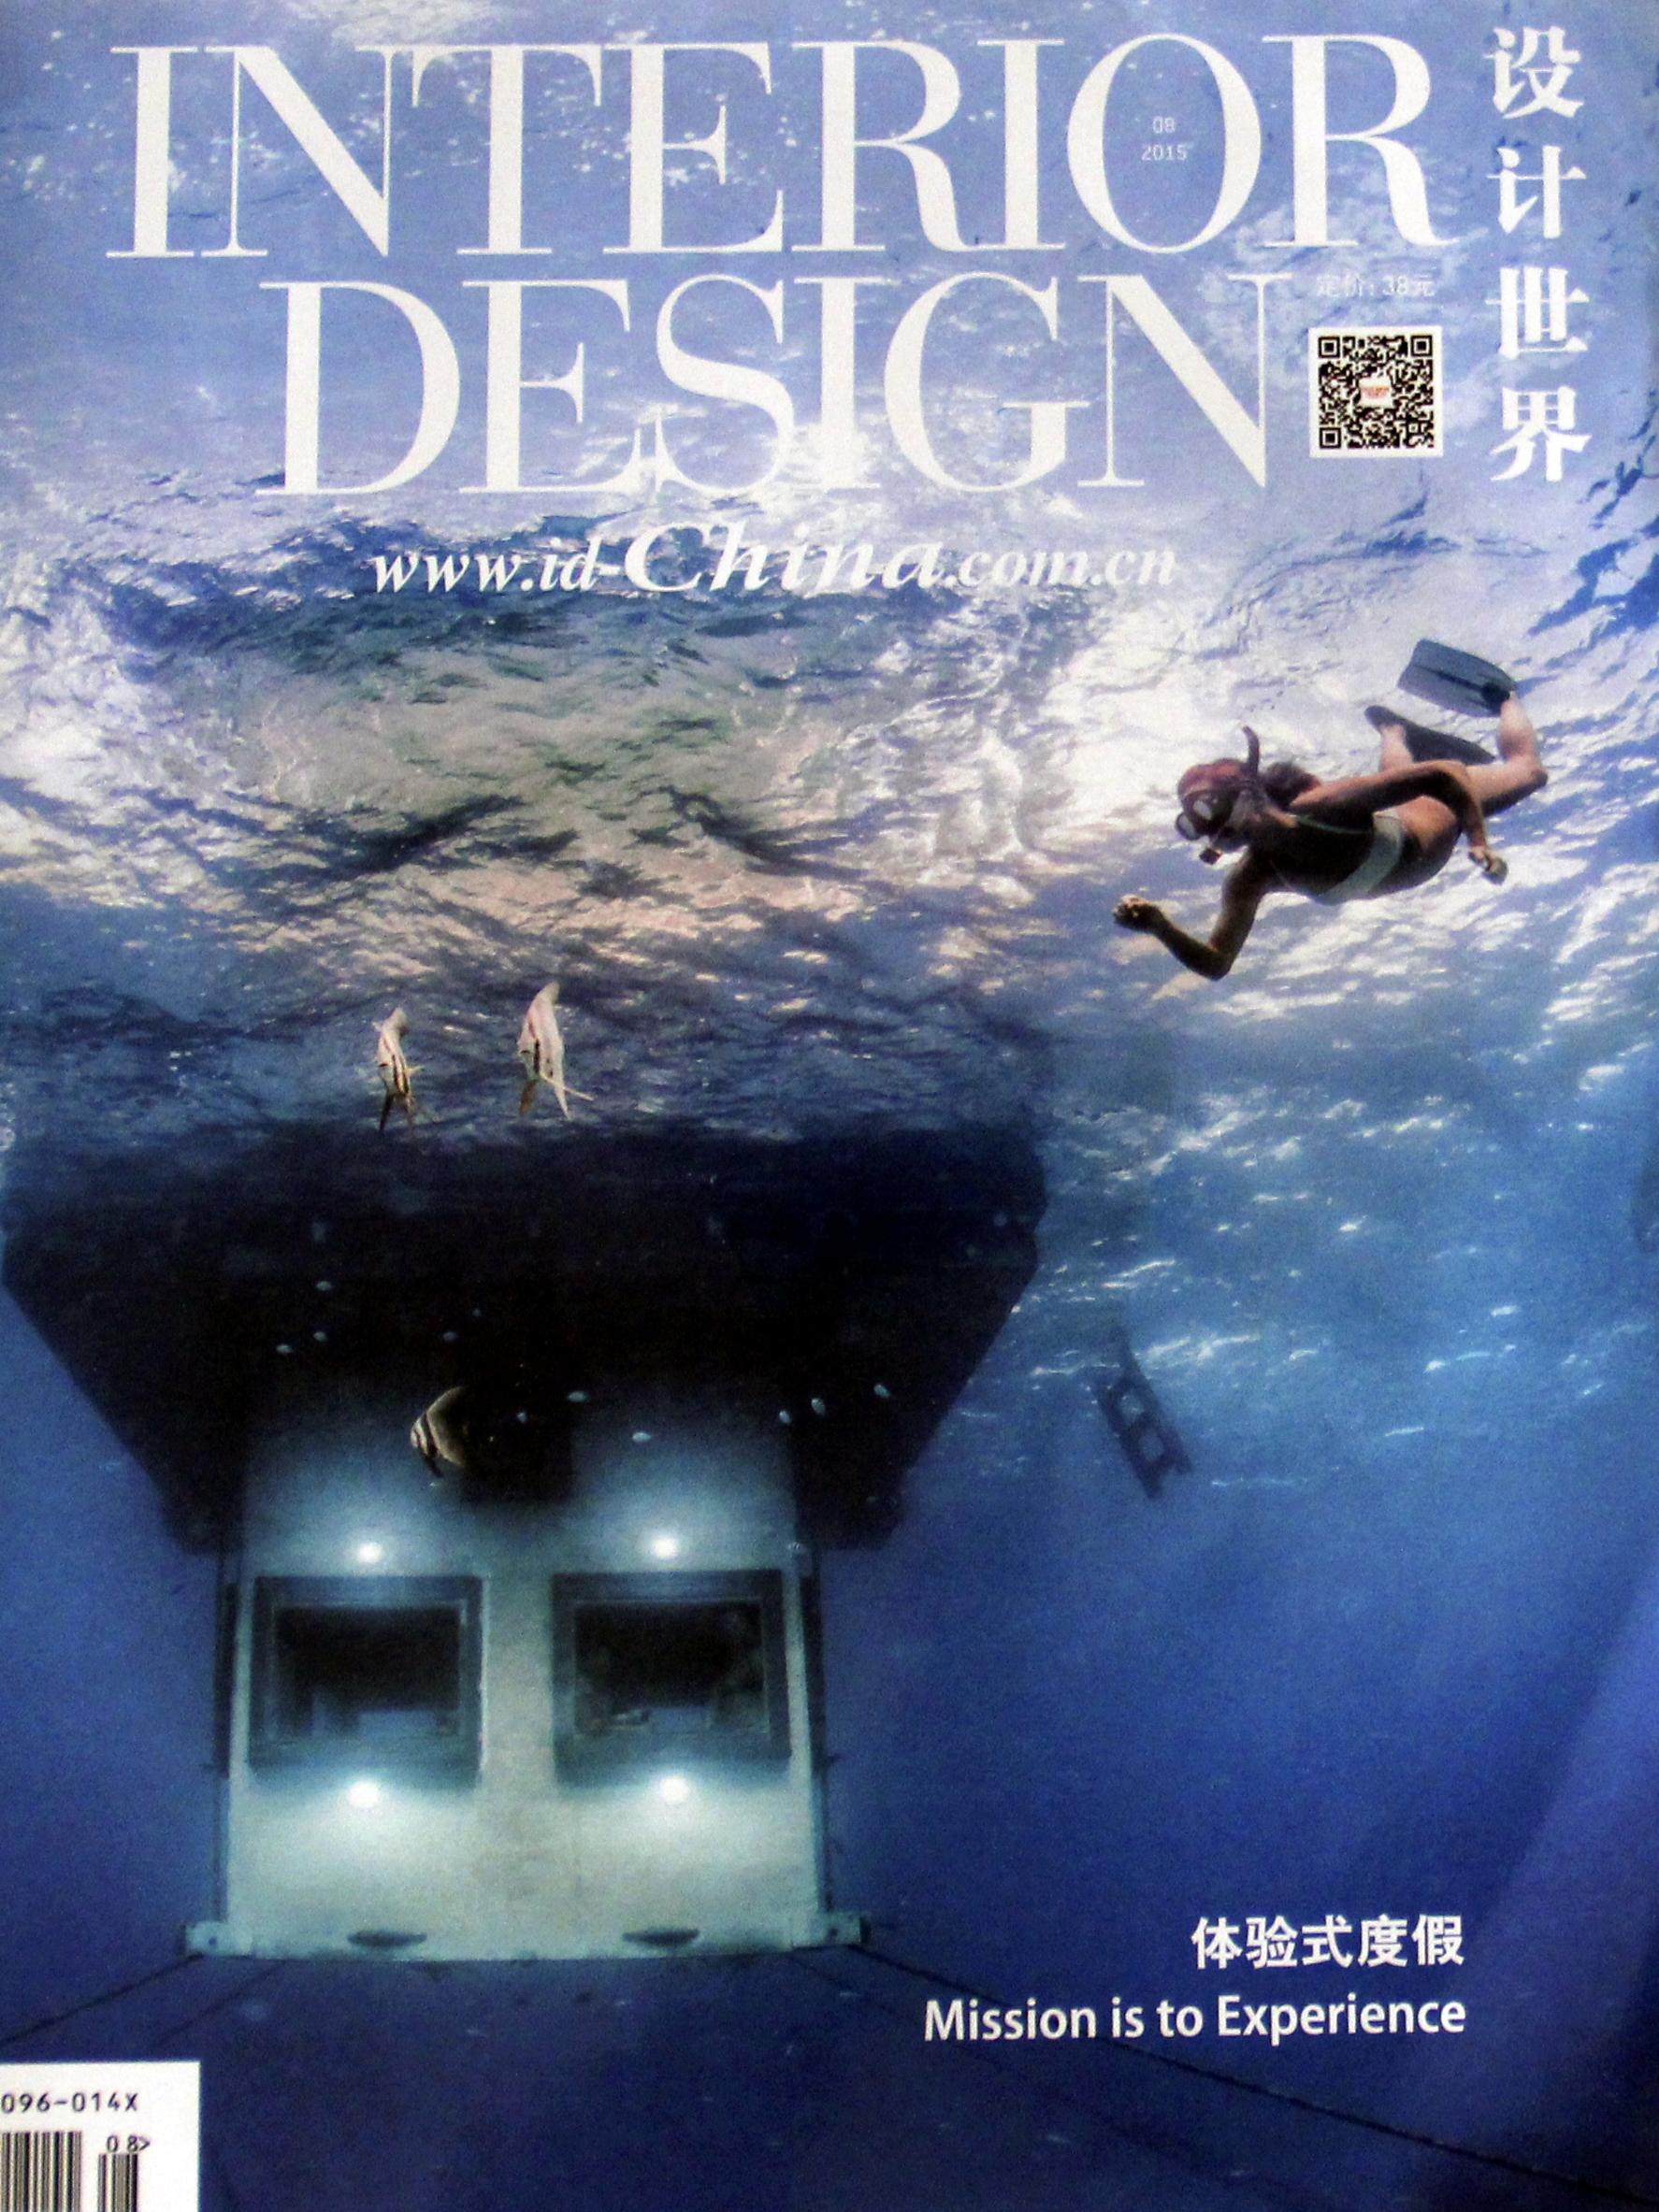 Interior design china - gran fierro